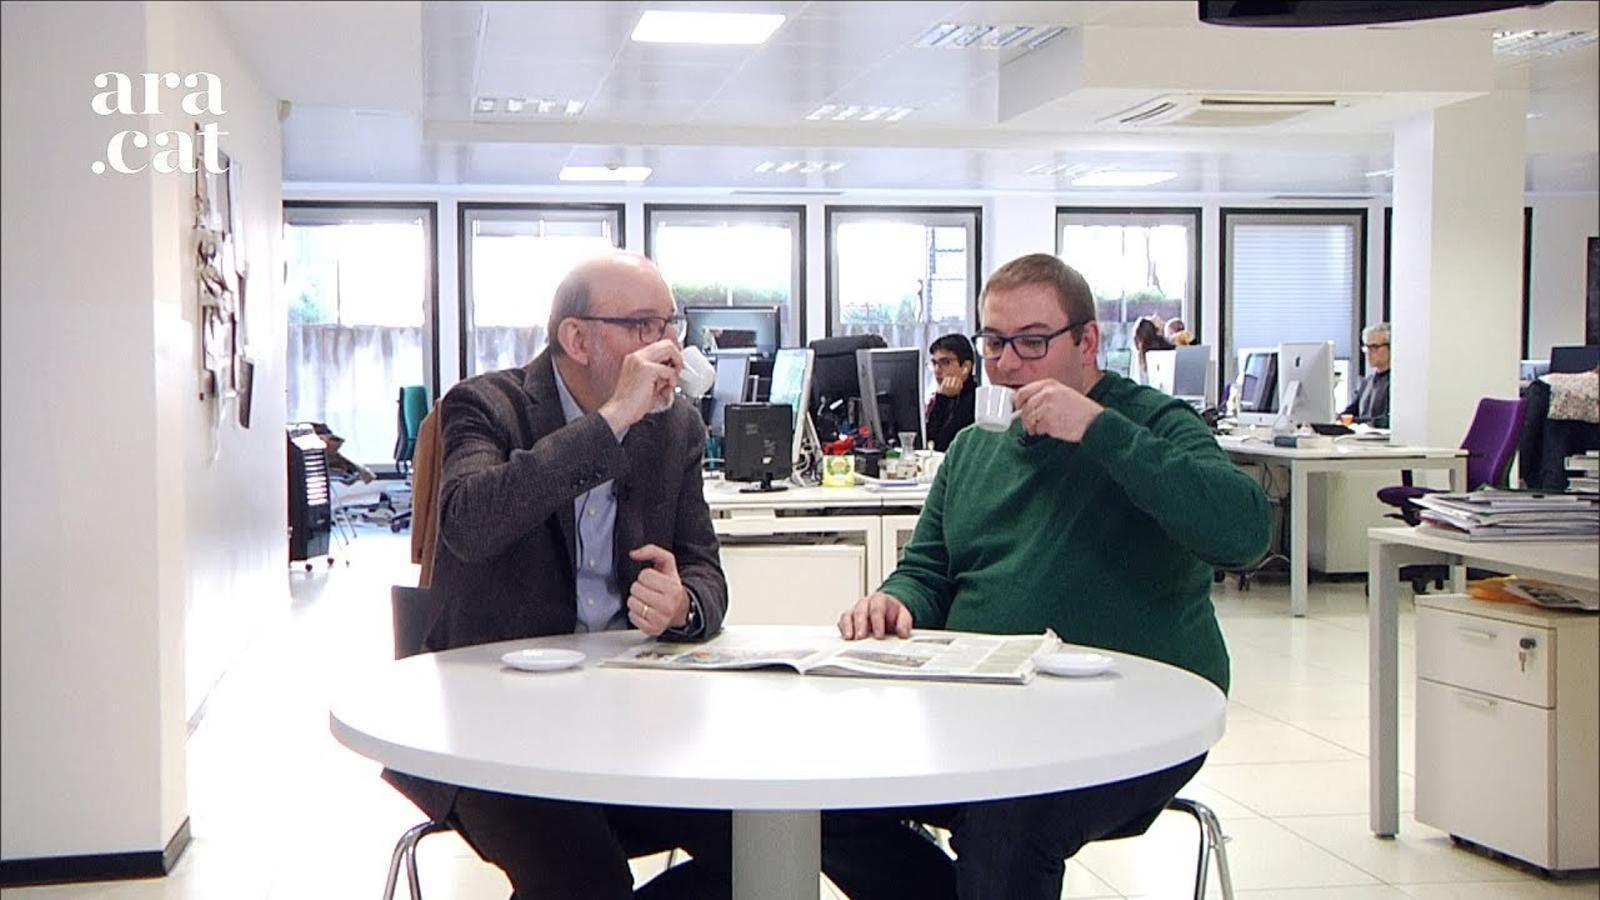 El cafè de la Lliga: criticant el VAR, a Madrid van en contra de la modernitat